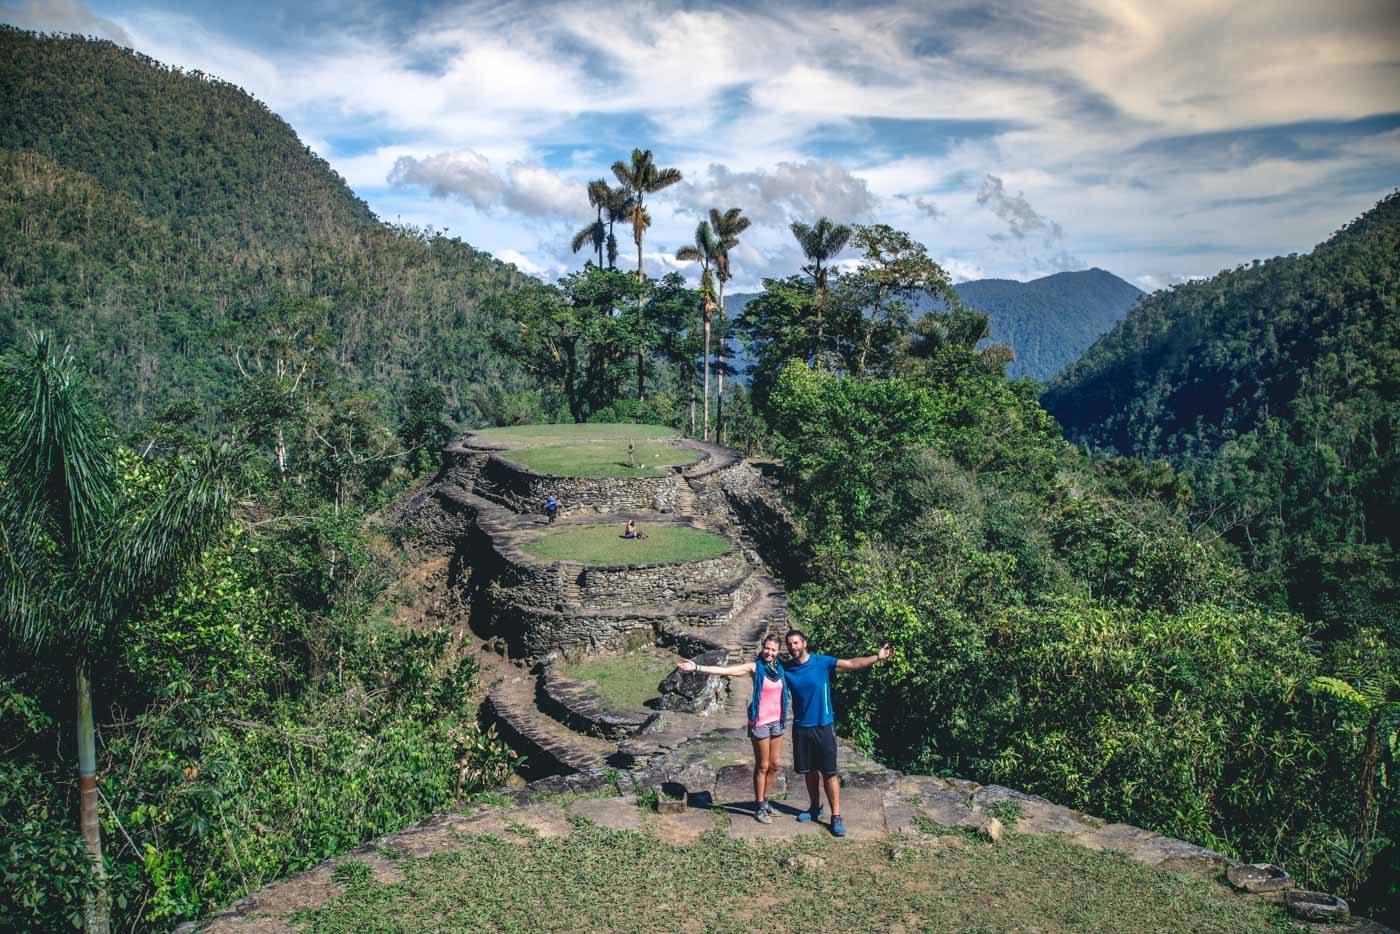 At the Lost City (Ciudad Perdida) in Colombia